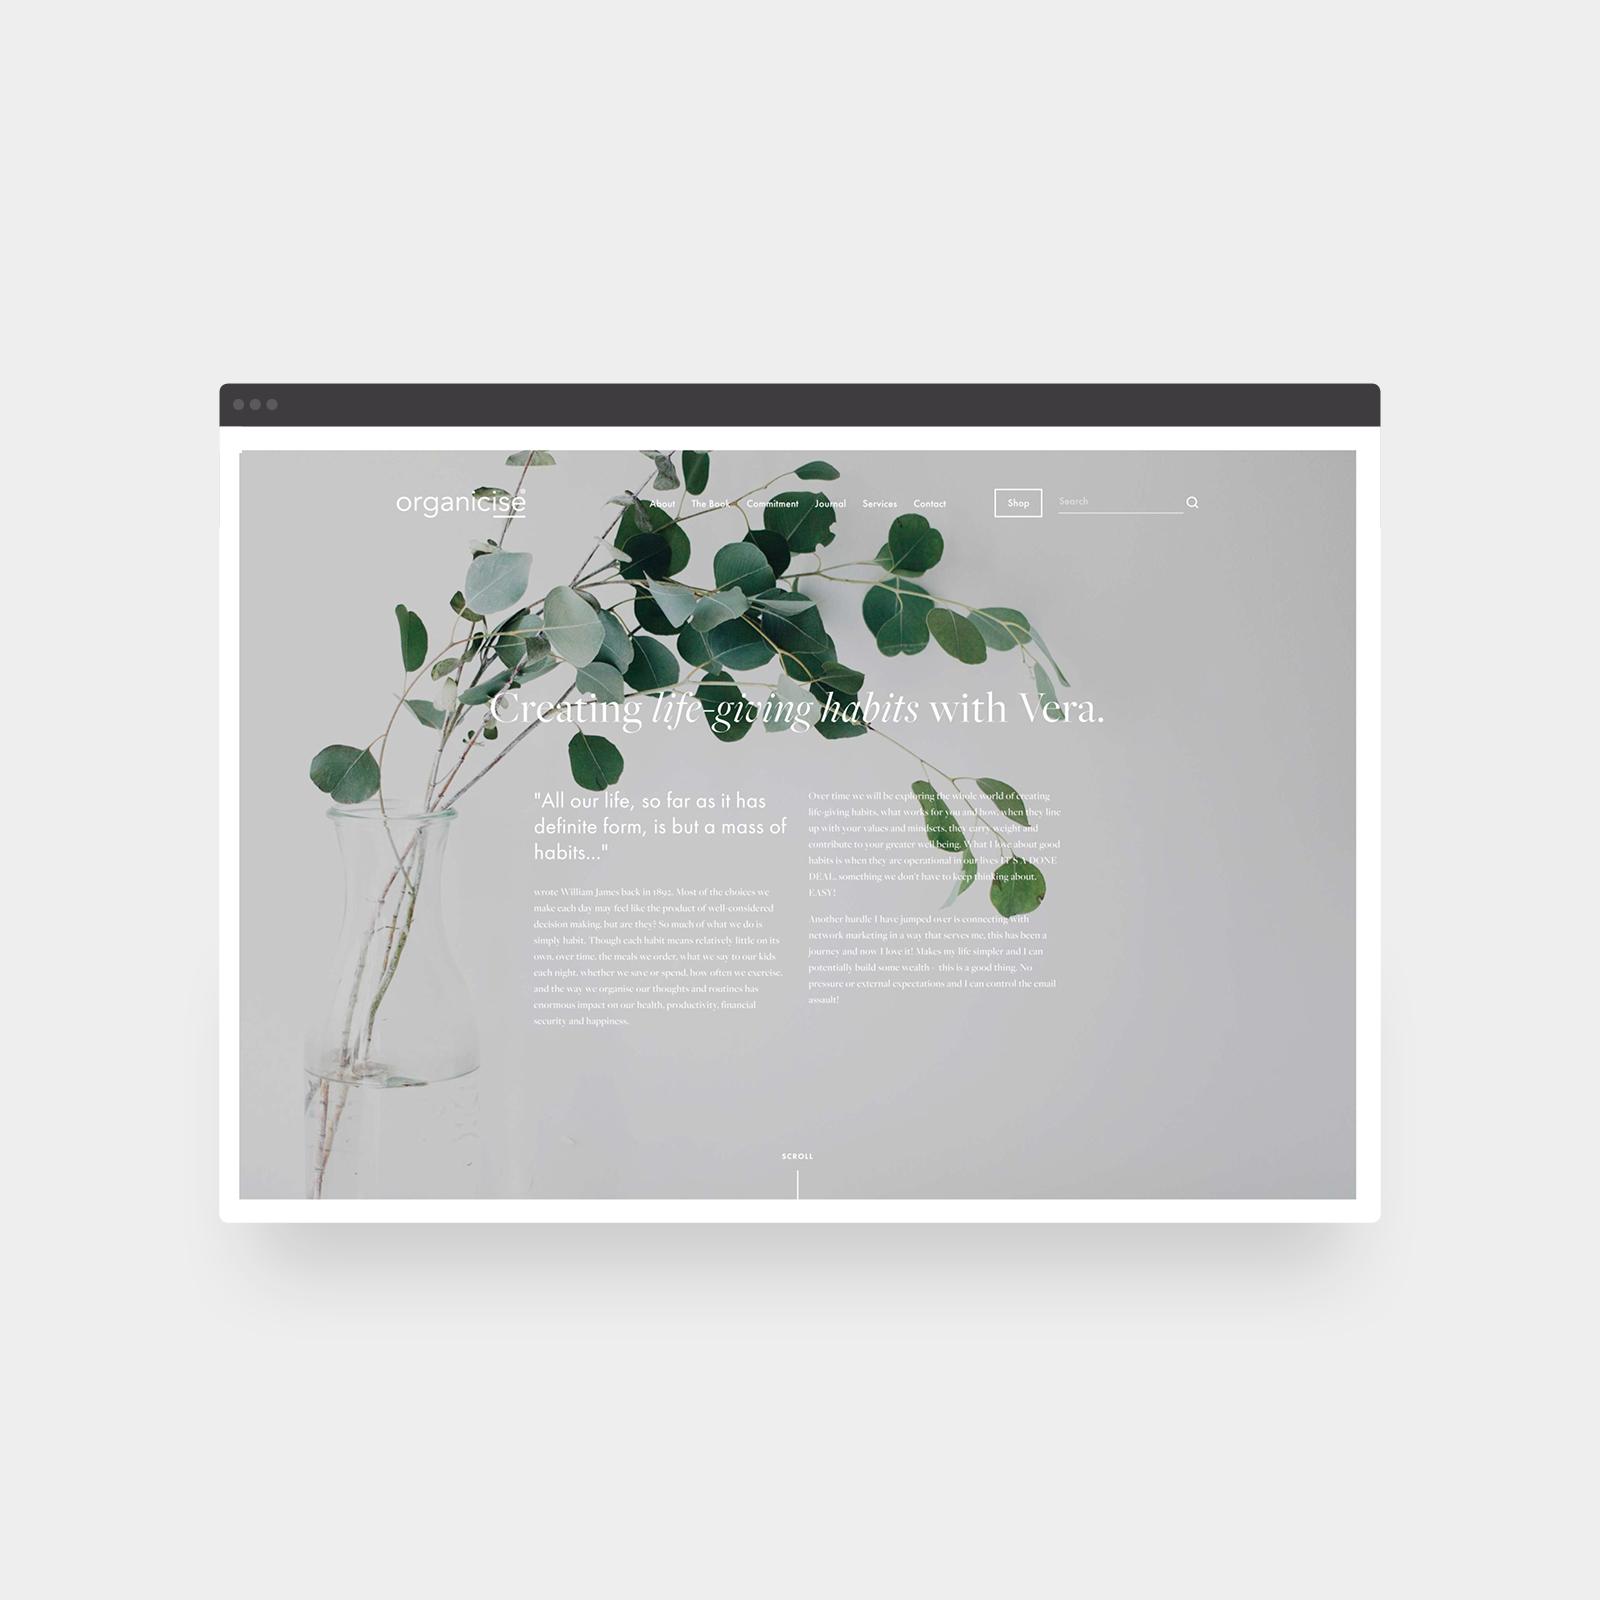 organicise-project-9.jpg